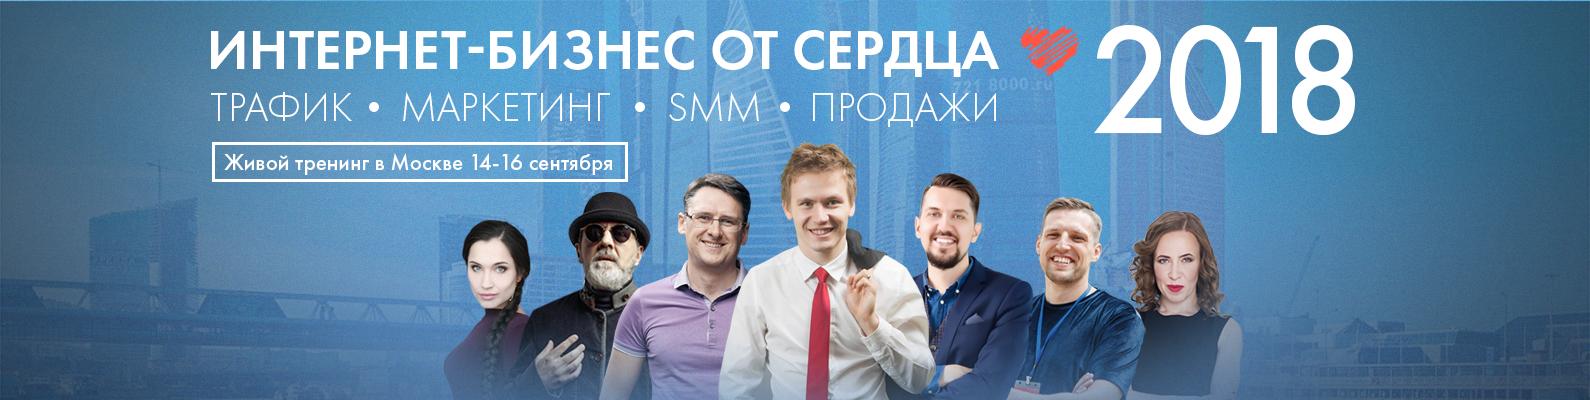 живая встреча в москве